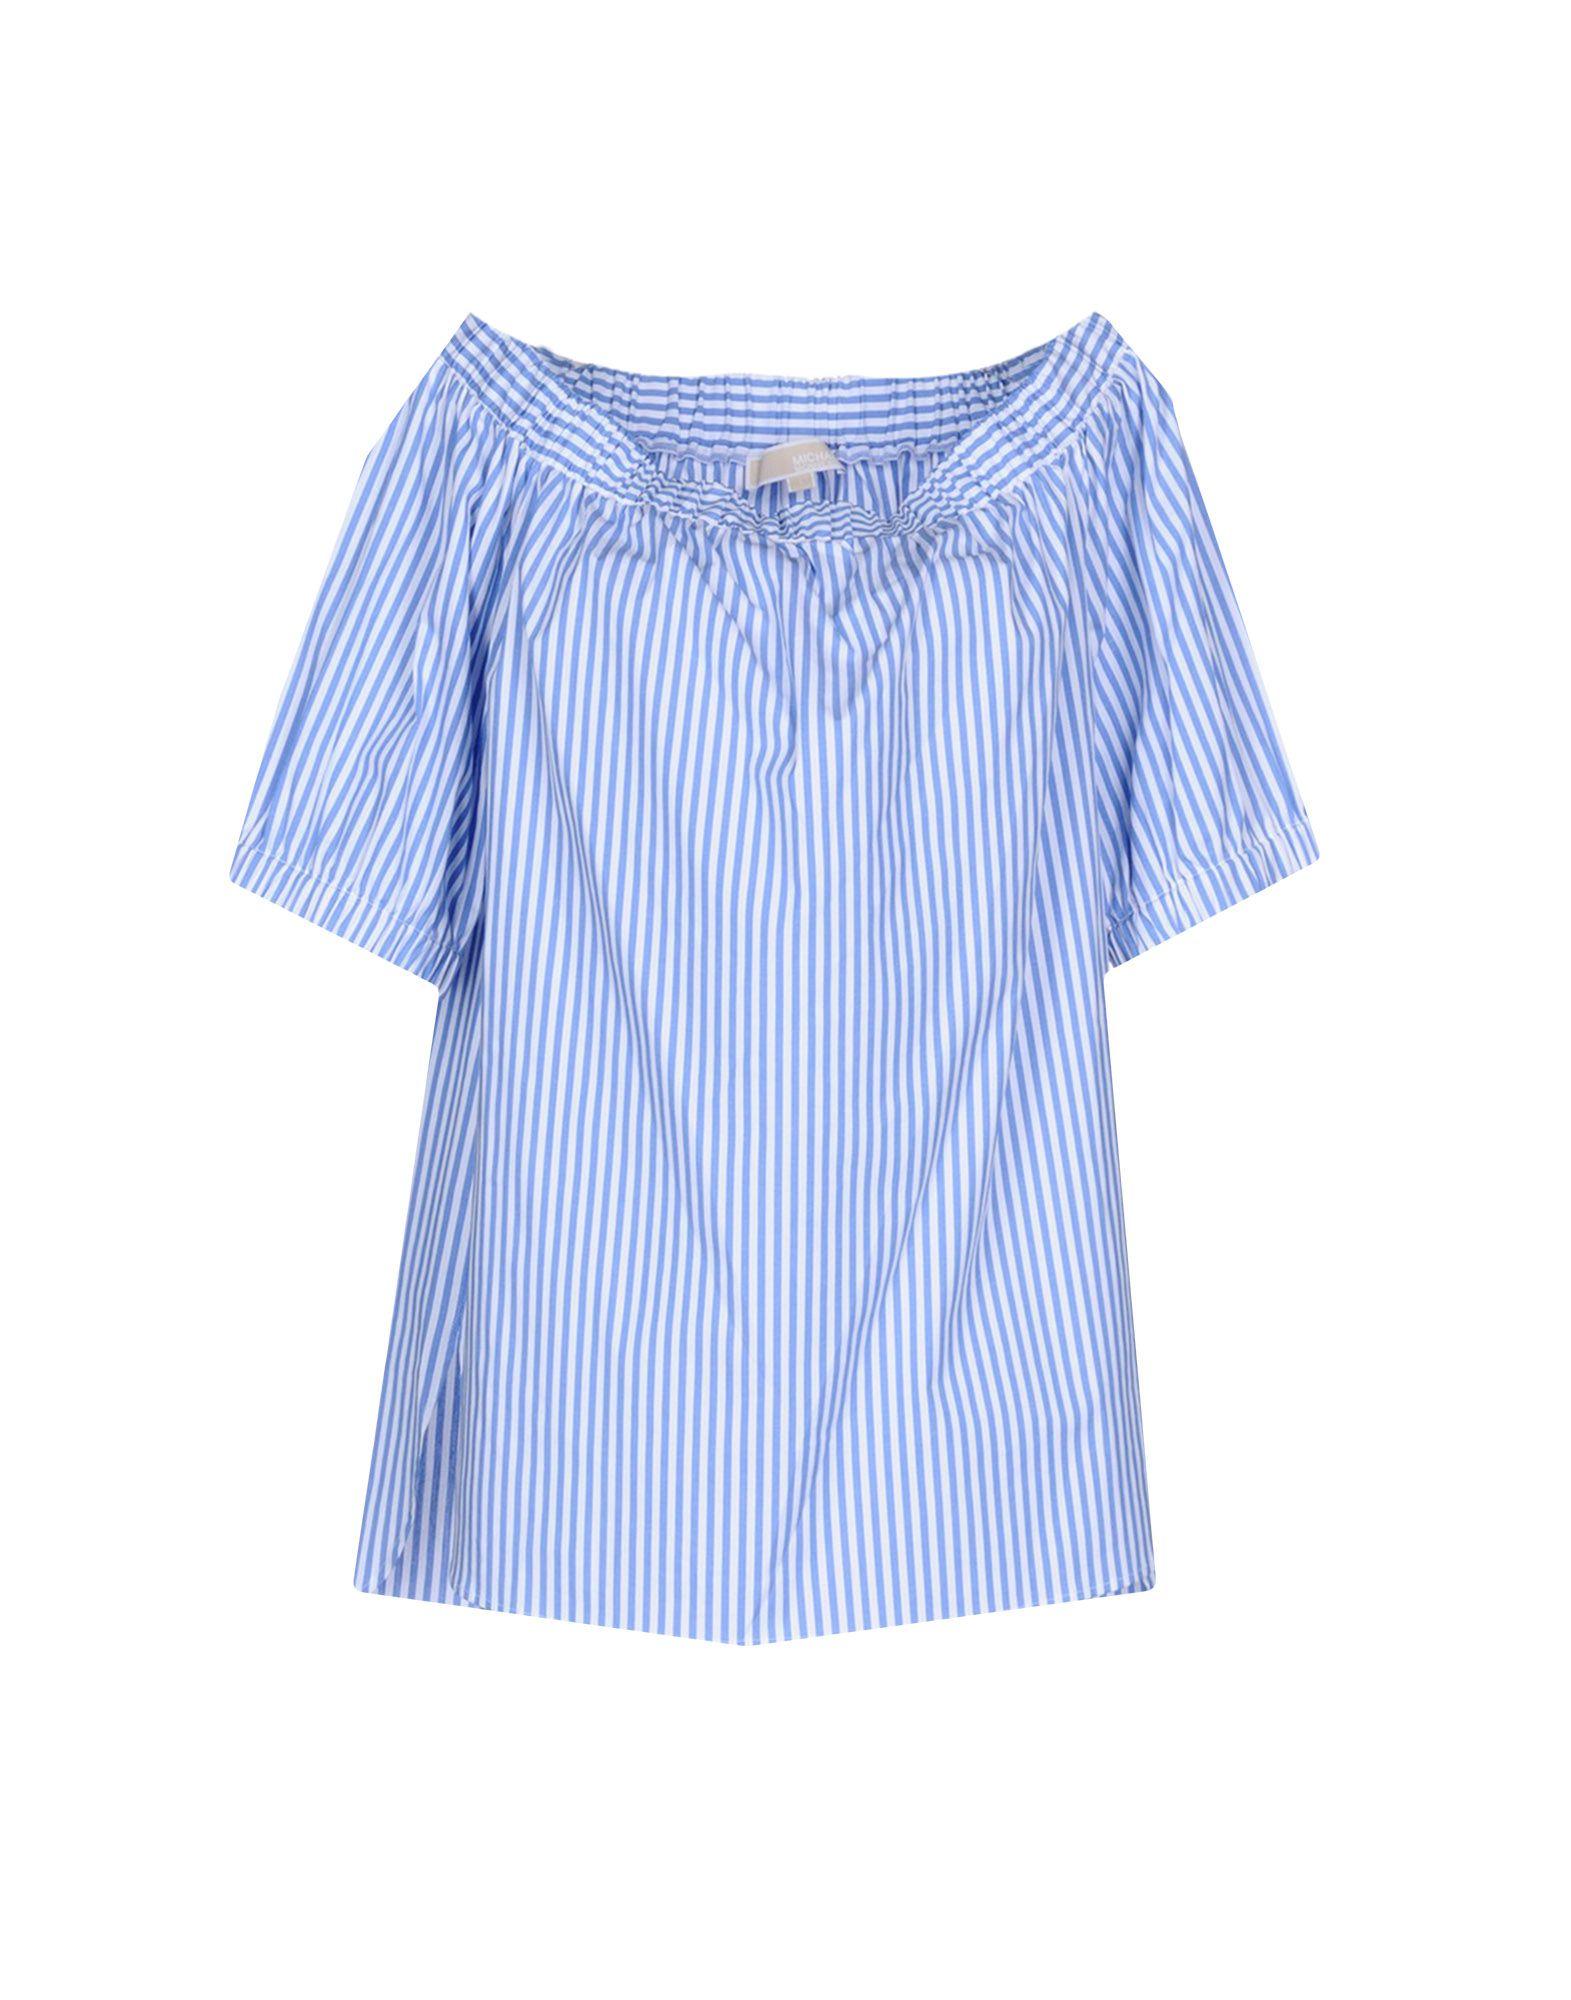 MICHAEL KORS Damen Bluse Farbe Blaugrau Größe 6